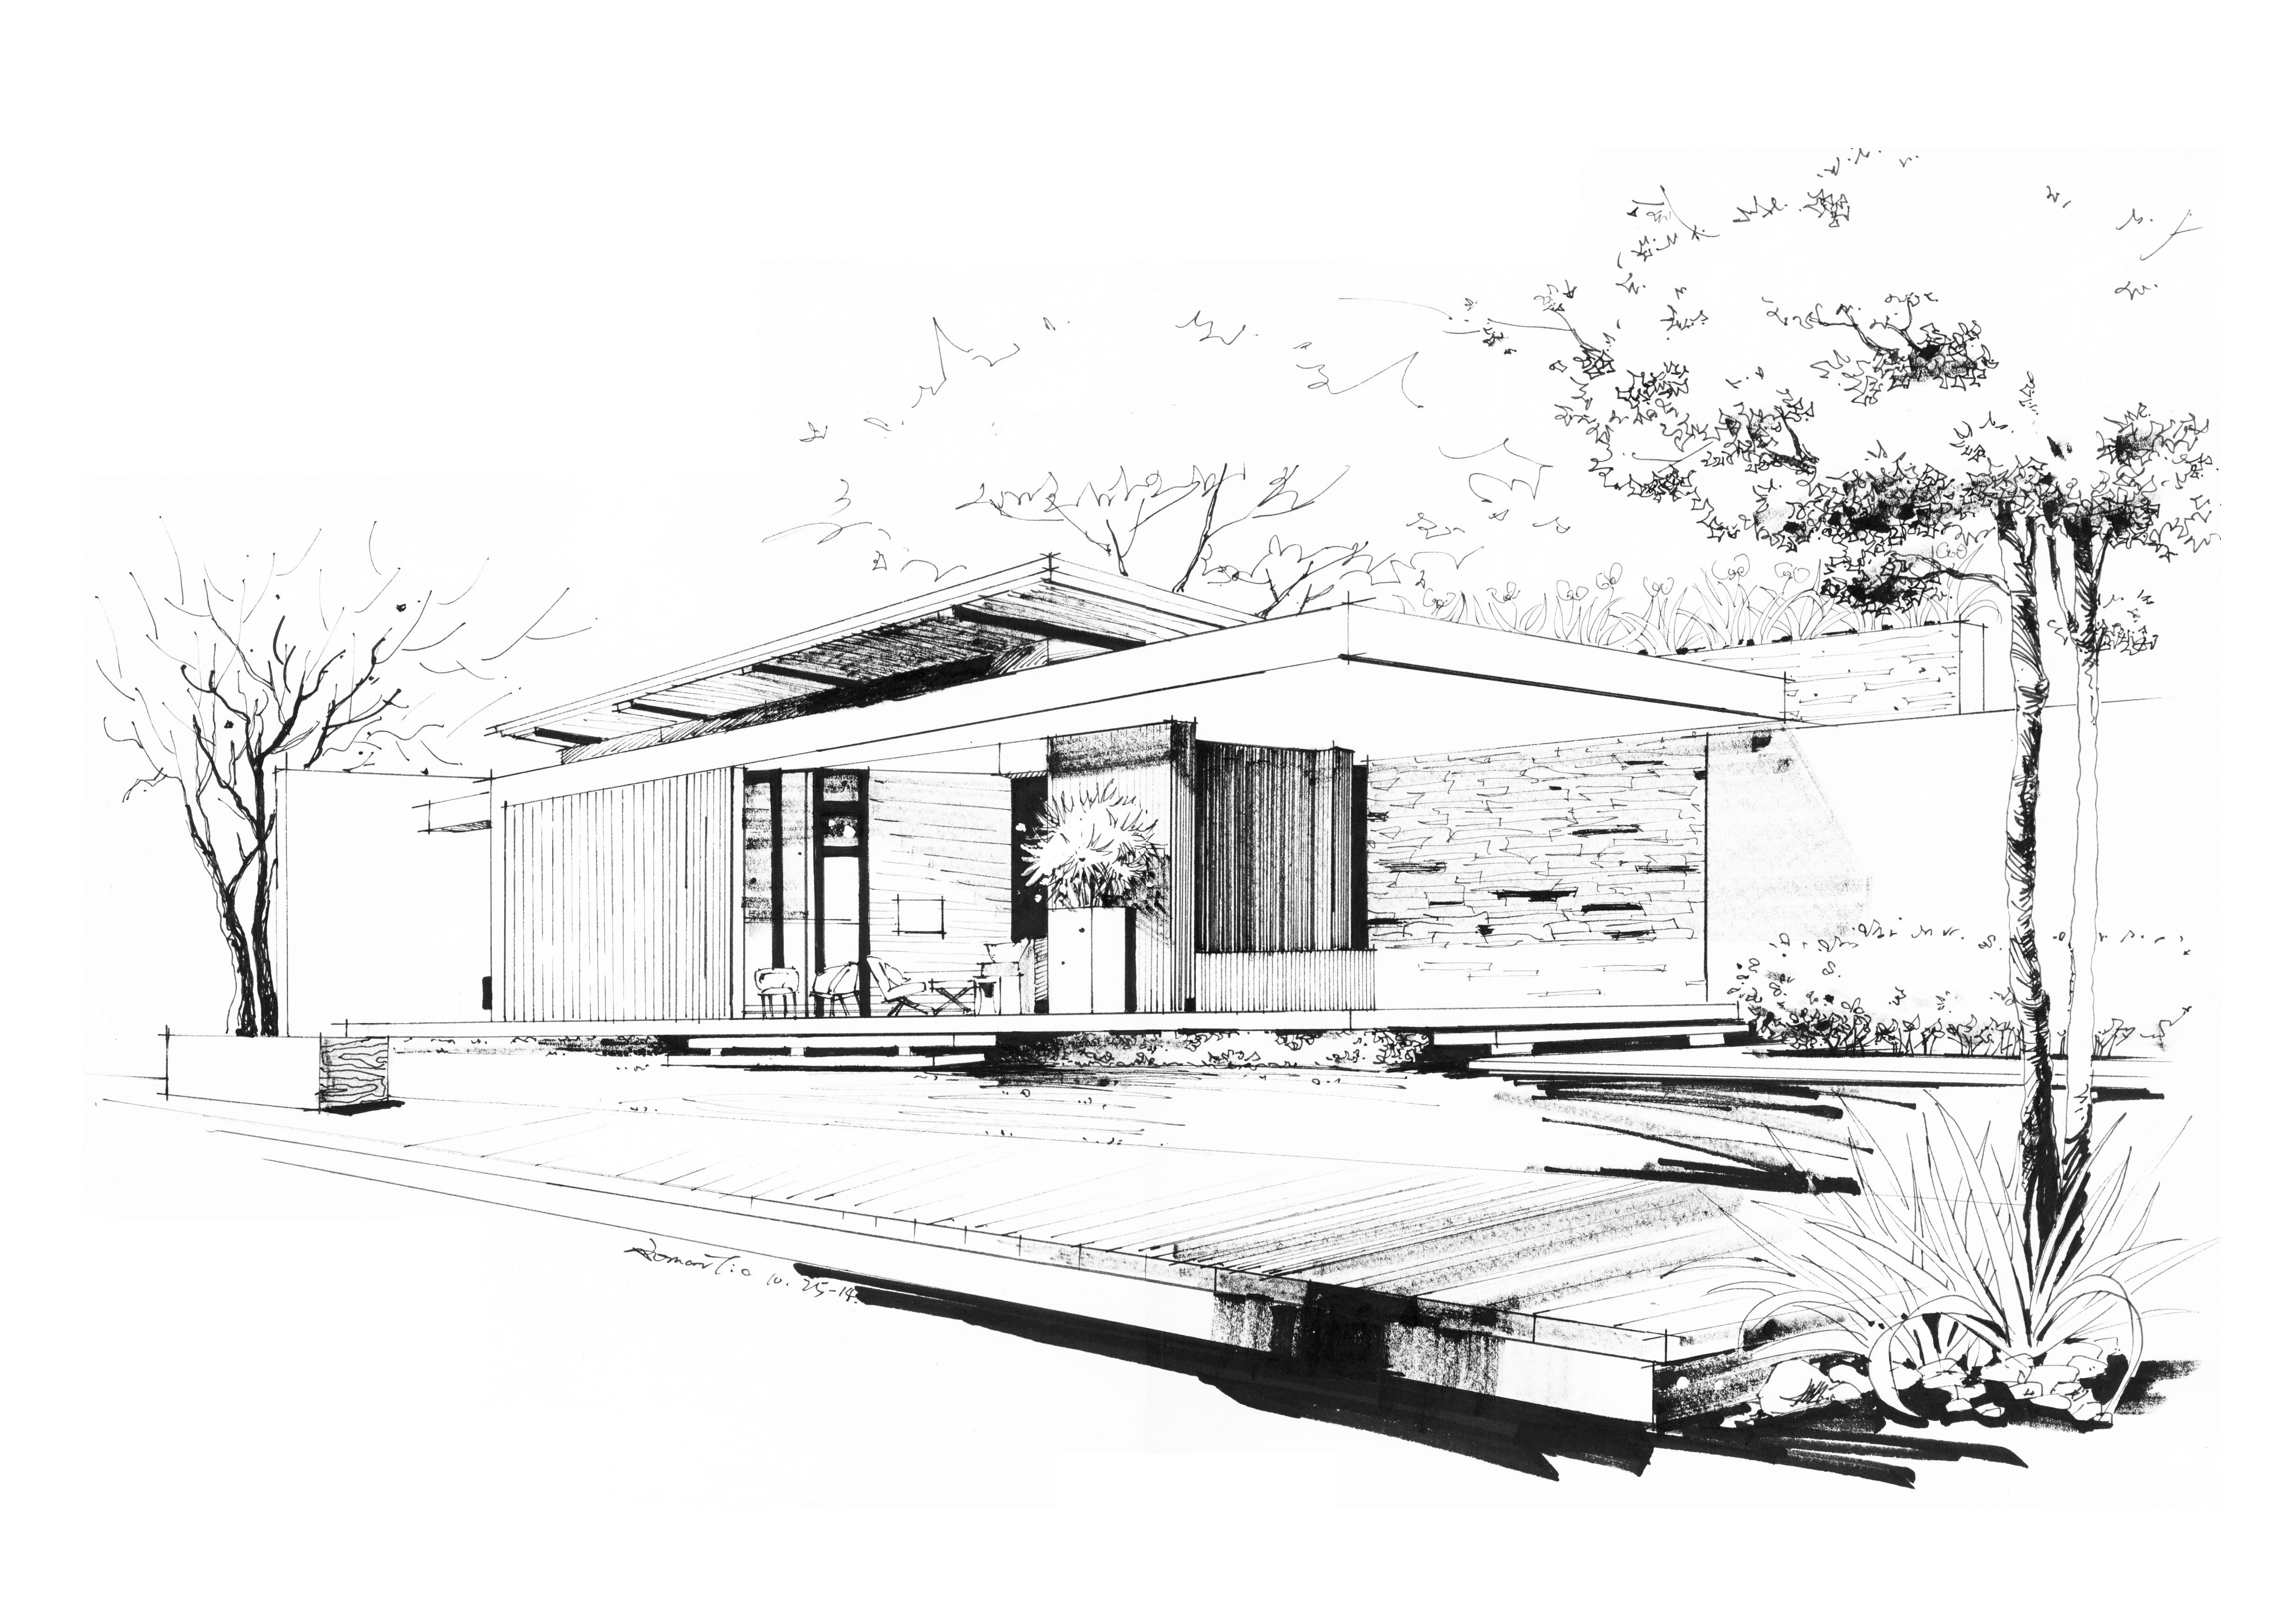 手绘|空间|建筑设计|romanti - 原创作品 - 站酷